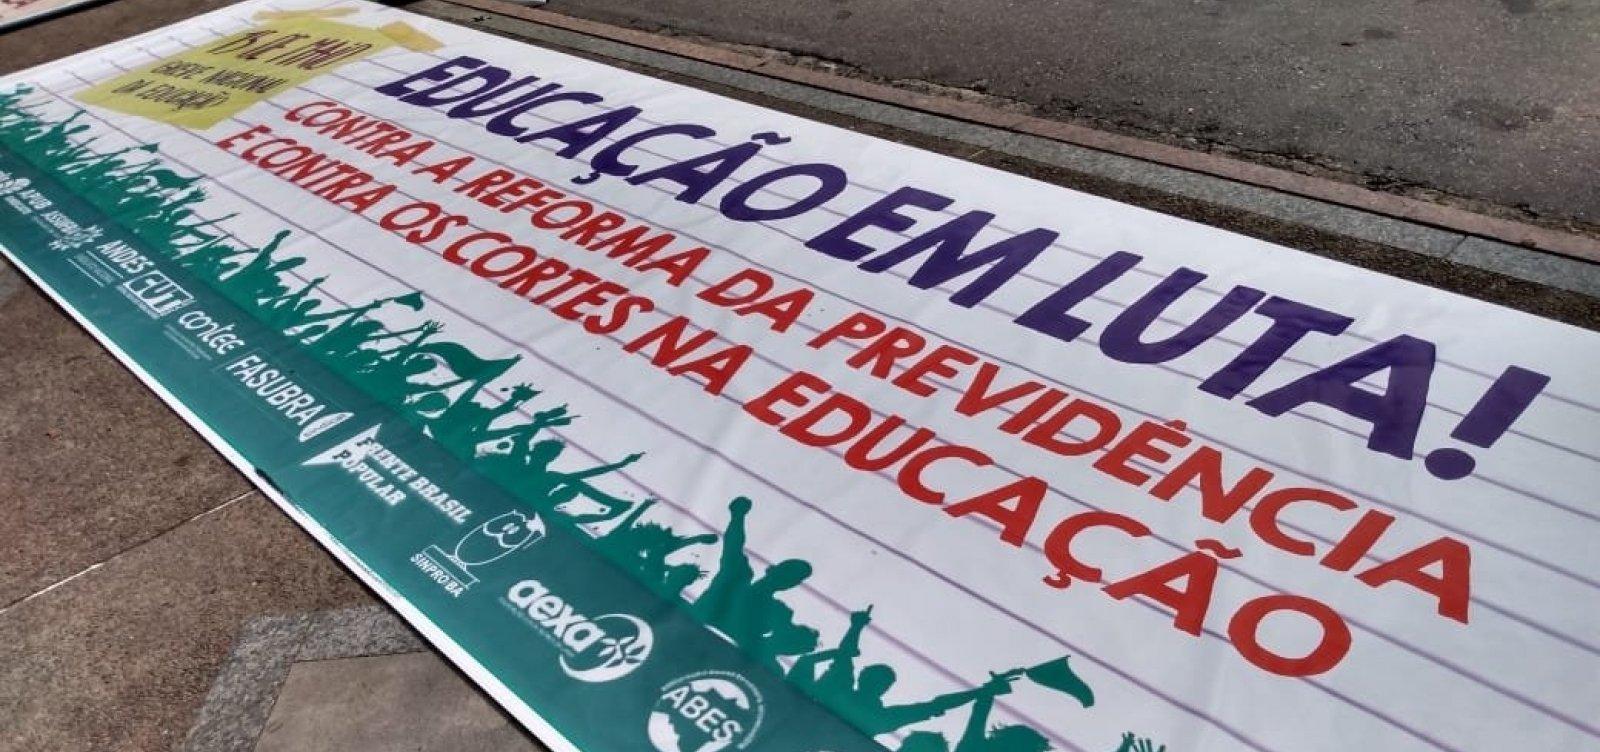 Protesto tem adesão de mais de 20 instituições particulares de ensino, diz diretora do Sinpro